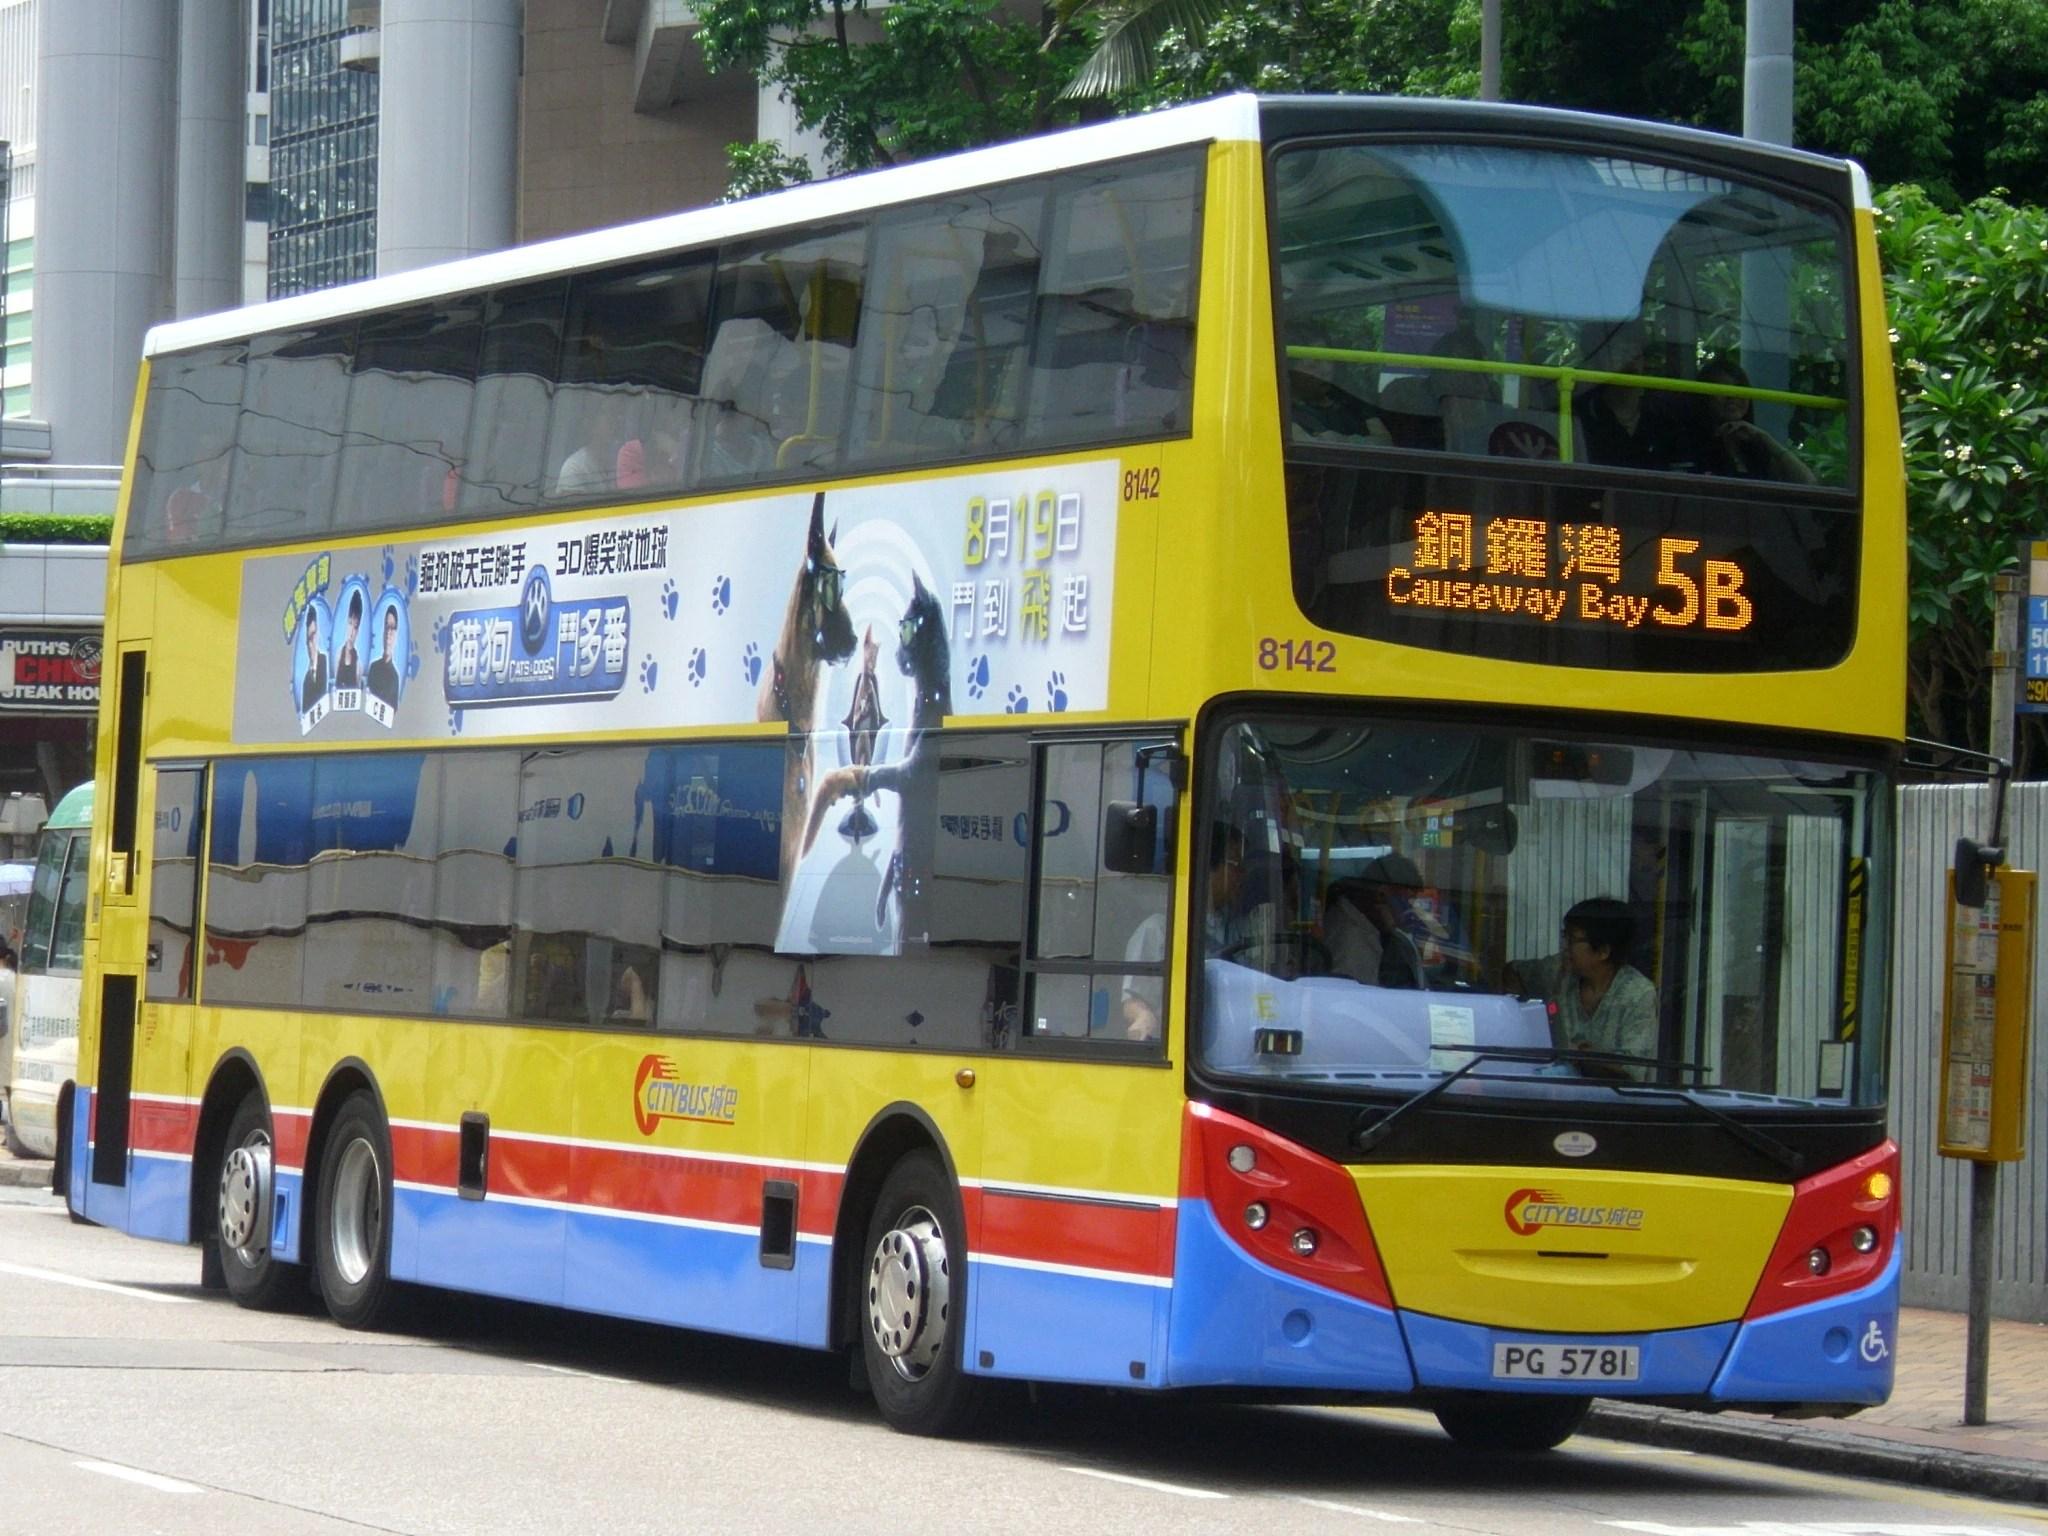 香港e11巴士路線圖-香港e11a 巴士路線圖|香港a11巴士時間表|香港n11巴士路線|香港e11a巴士路線圖|香港e11巴士停機場哪里